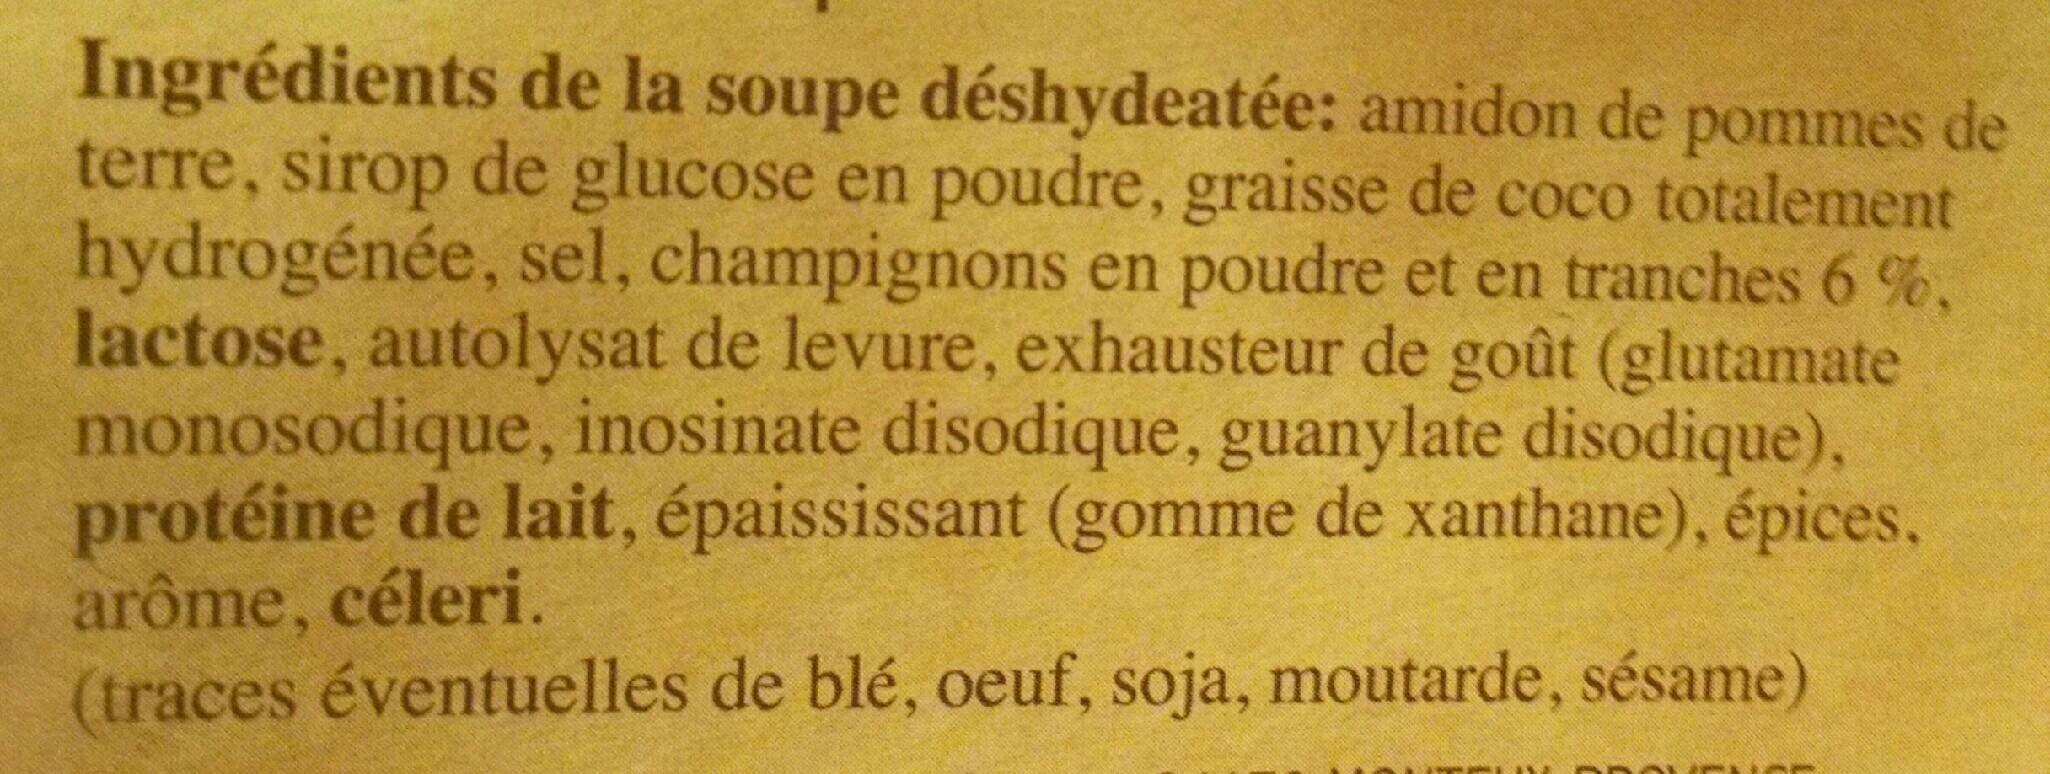 Soupe Instantanée aux champignons - Ingredients - fr